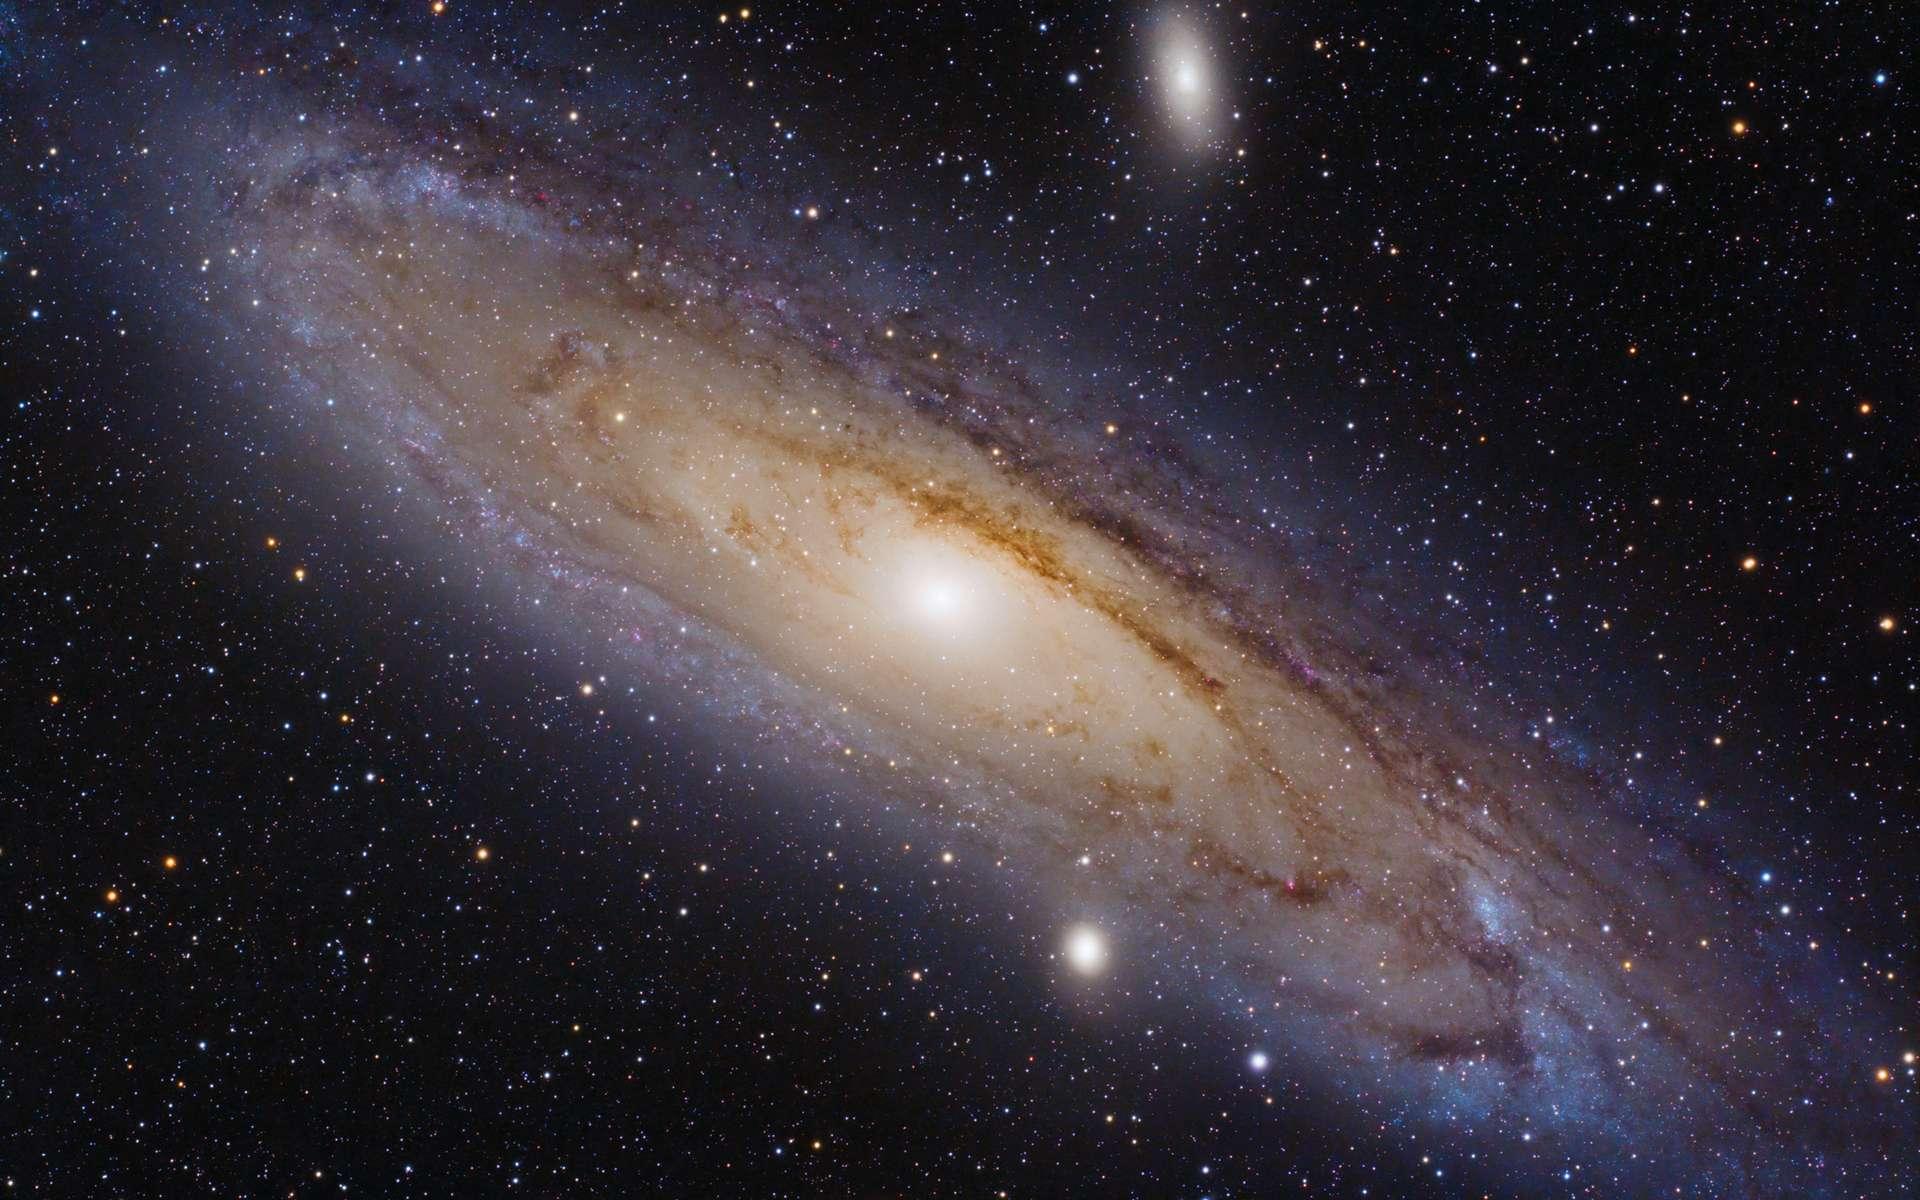 La fameuse galaxie d'Andromède ou M31 a été la première galaxie spirale où Vera Rubin a dressé une courbe de la vitesse de rotation des étoiles en fonction de la distance avec le centre. Des courbes similaires se sont révélées anormales. © Lorenzo Comolli